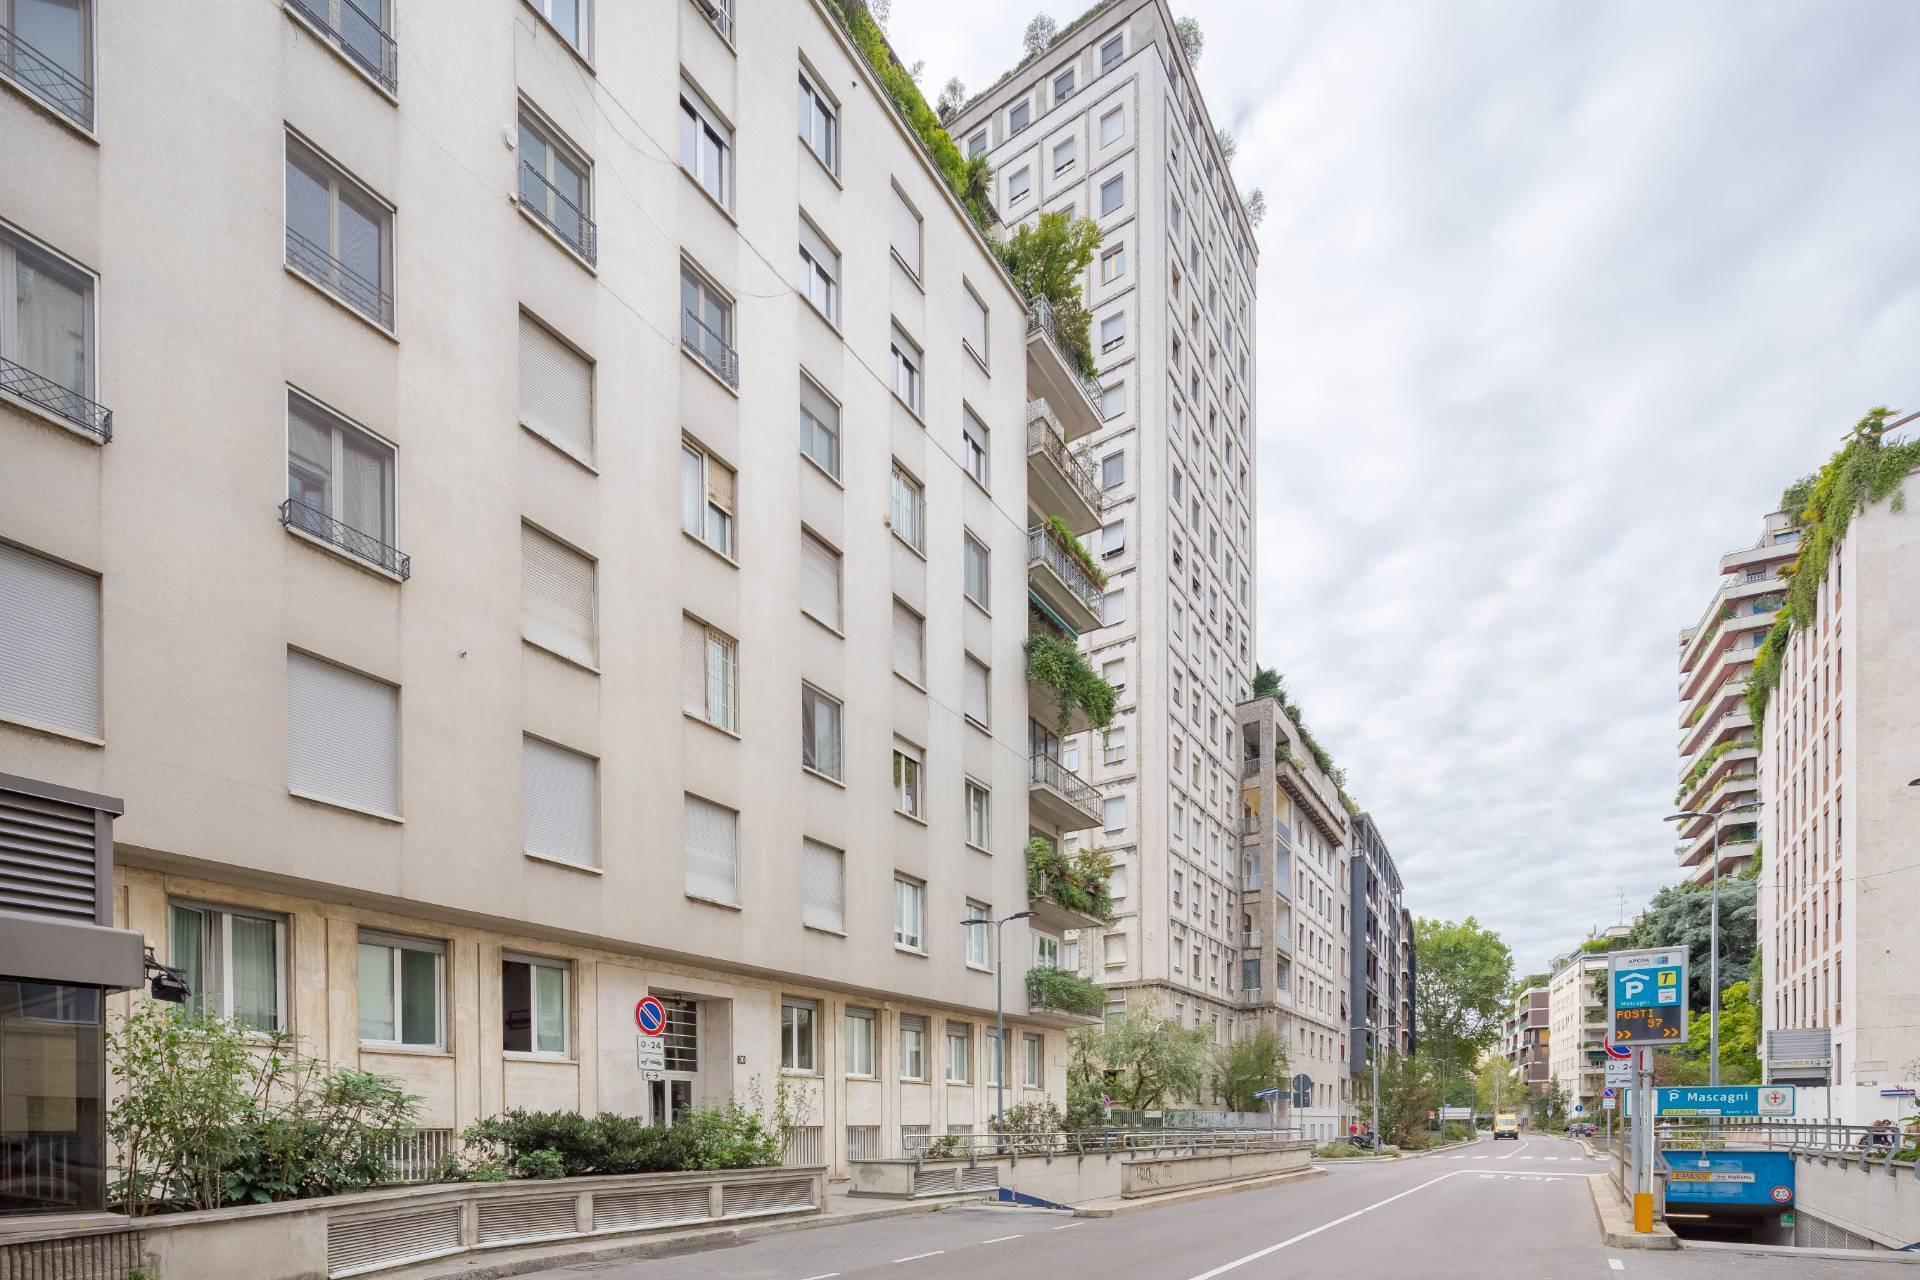 Appartamento signorile in Via Mascagni - 22